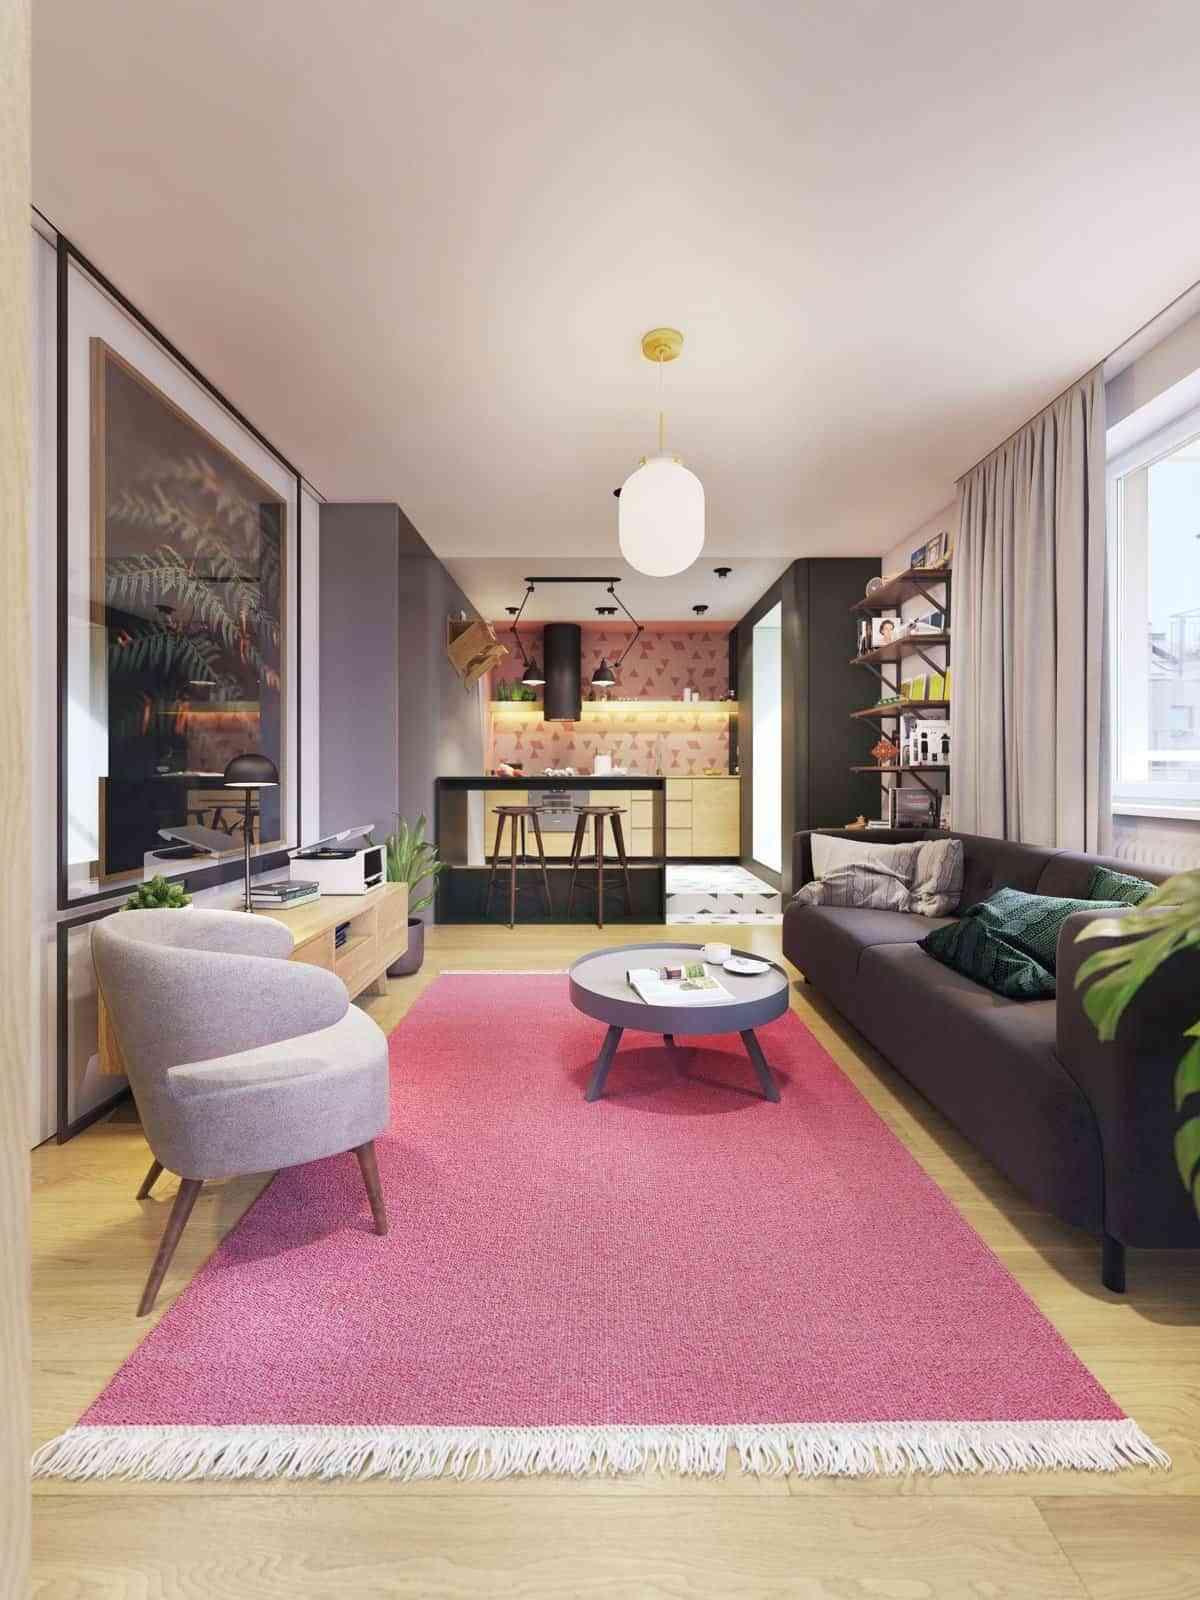 Thiết kế căn hộ studio hiện đại và sáng tạo - noi that 30